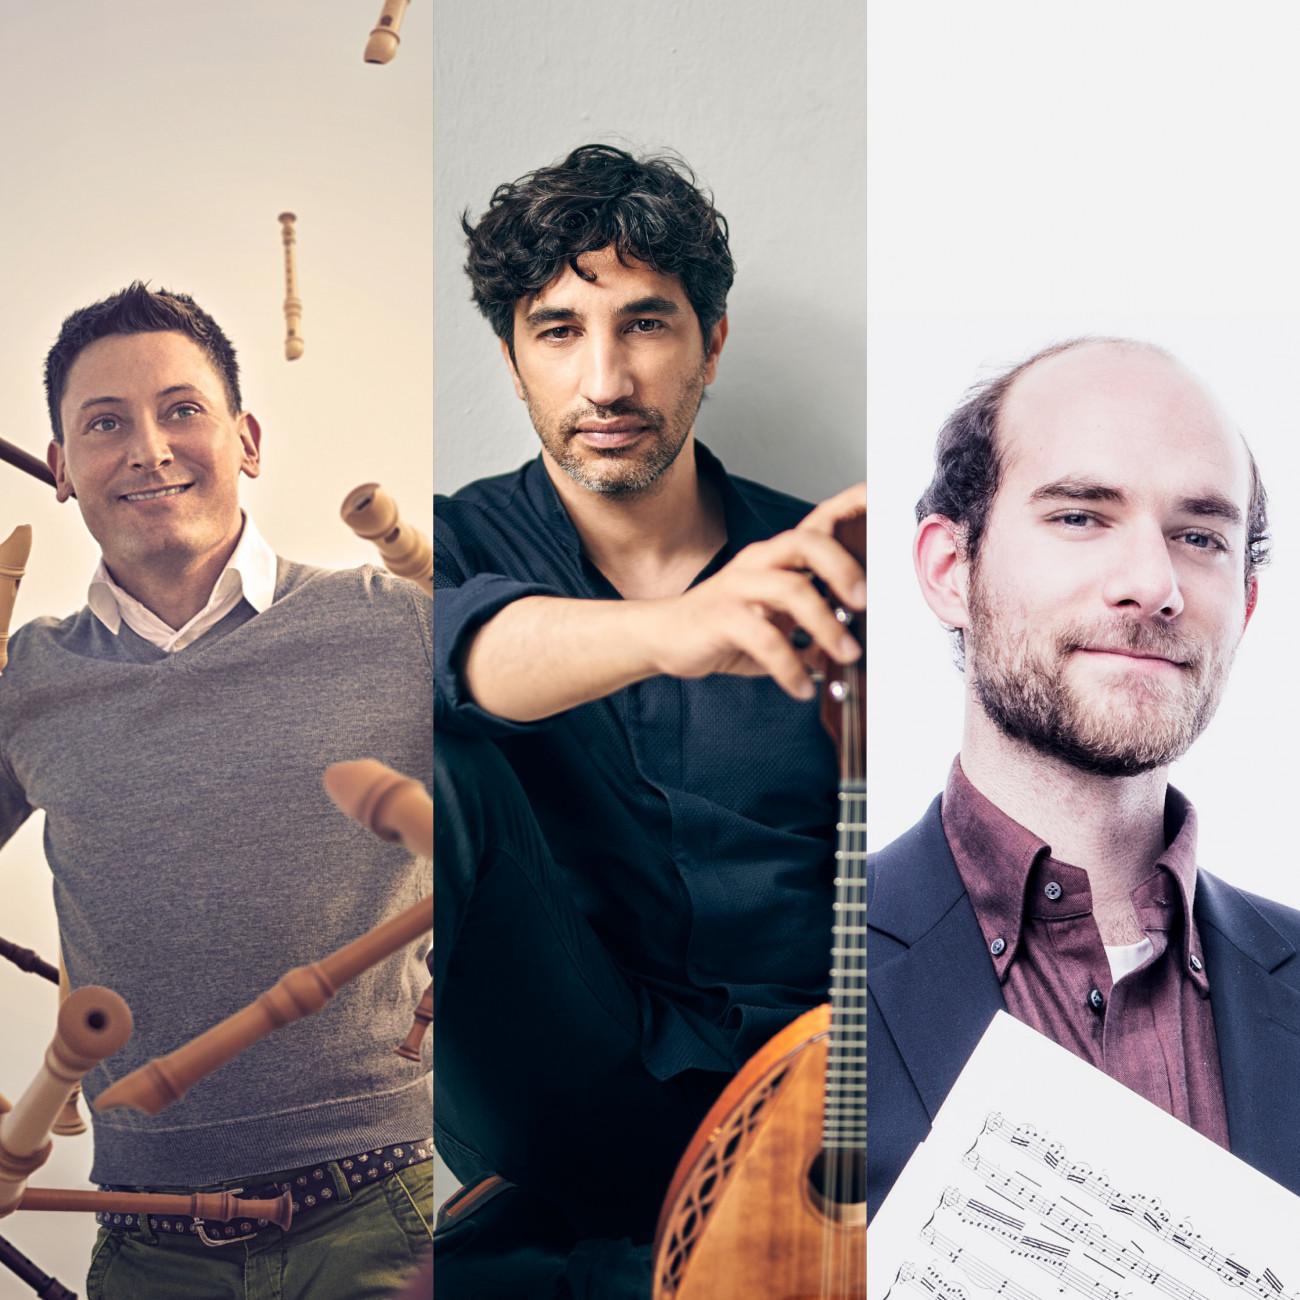 Mainzer Musiksommer, Mainzer Musiksommer MolinaVisuals, Christoph Köstlin, Ondro Ovesny